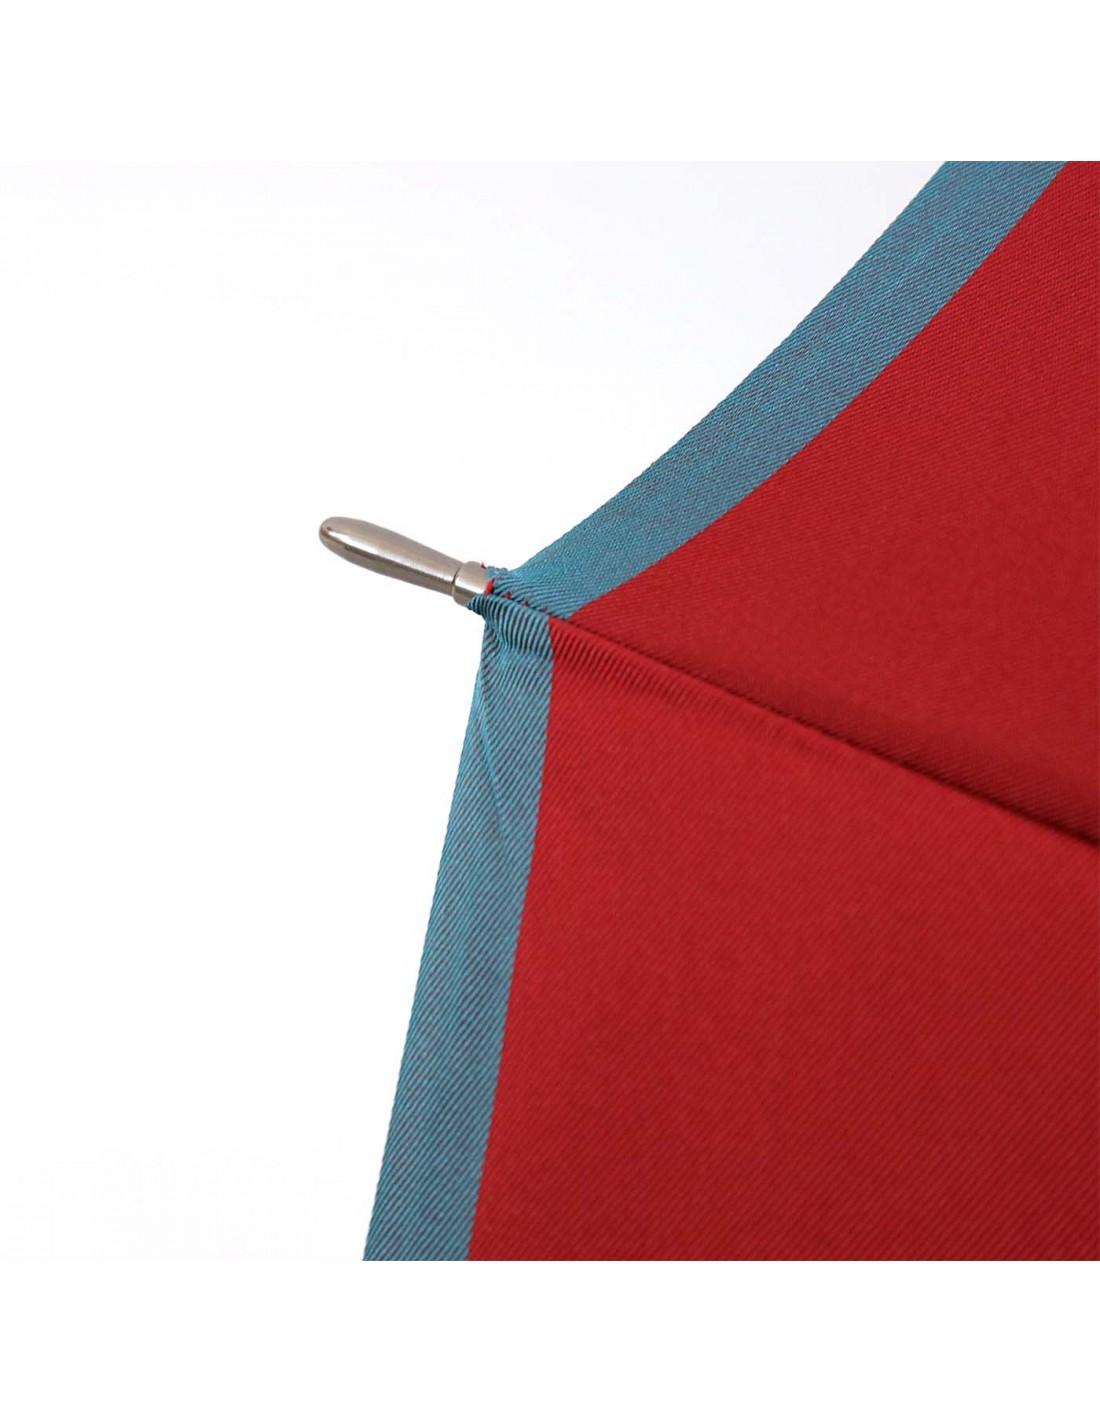 Damen Regenschirm Himbeere/Aqua